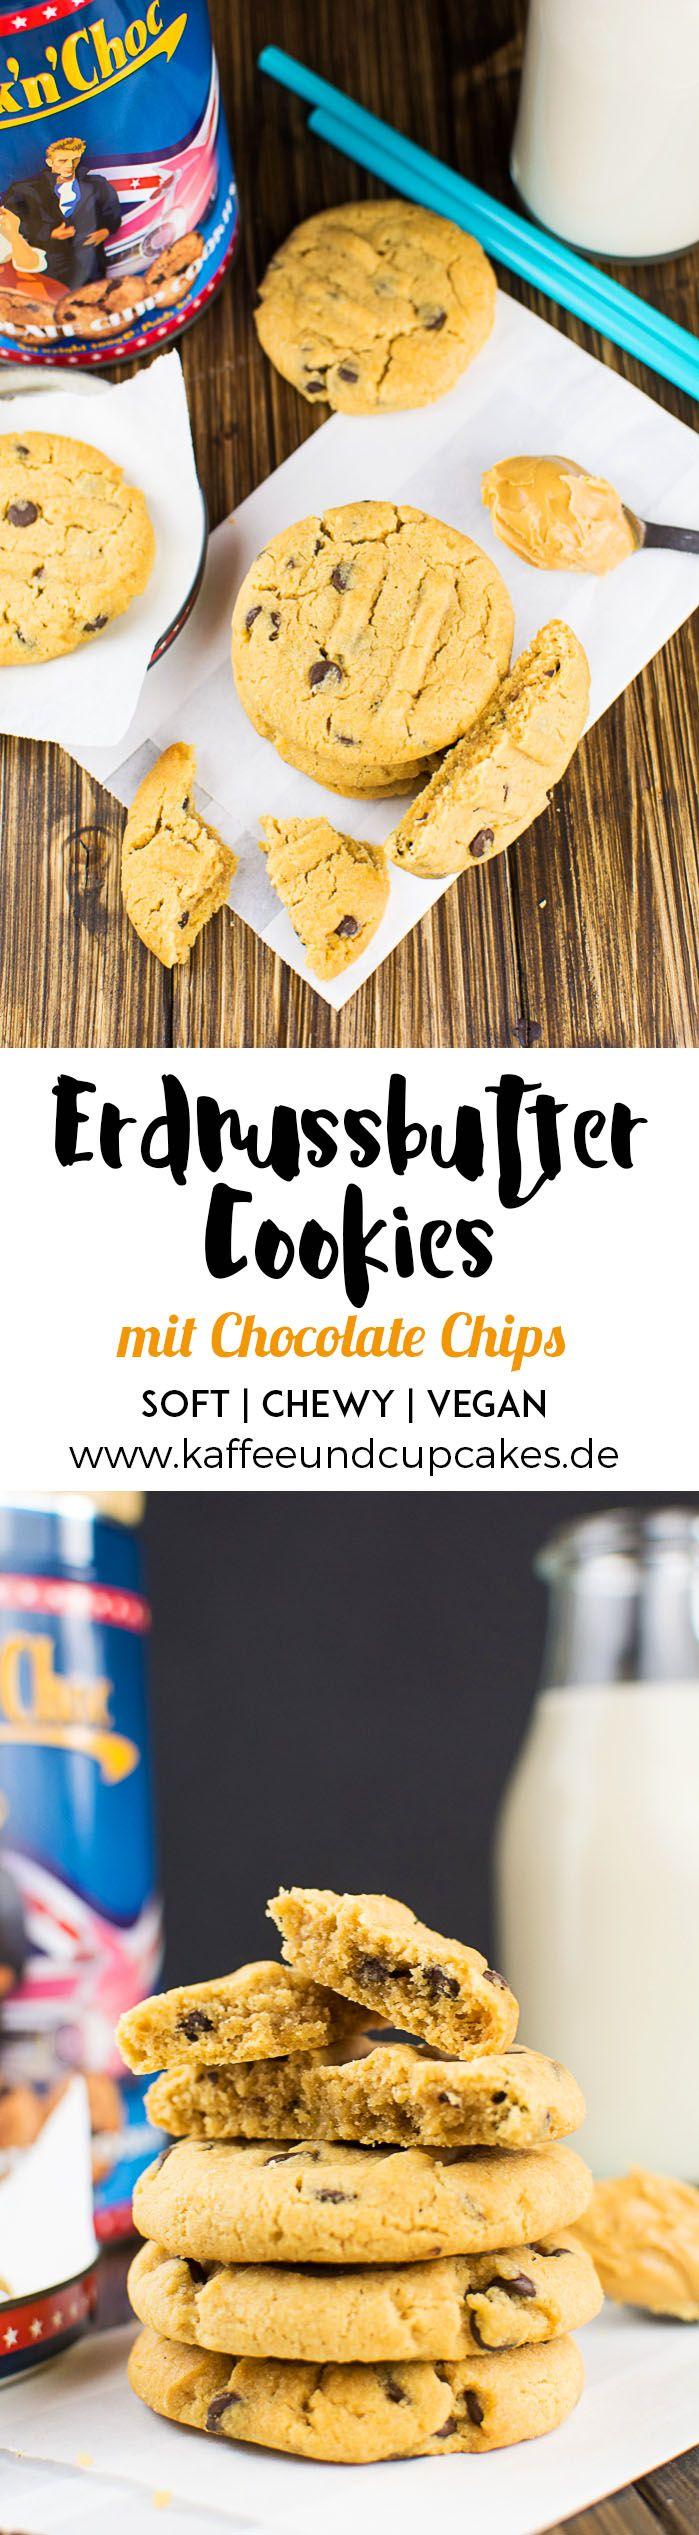 Erdnuttbutter-Cookies mit Chocolate Chips. Lecker soft, chewy und dazu noch vegan! | Kaffee & Cupcakes #vegan #cookies #chocolate chips #schokolade #erdnussbutter #erdnuss #kekse #rezept #backen #soft #chewy